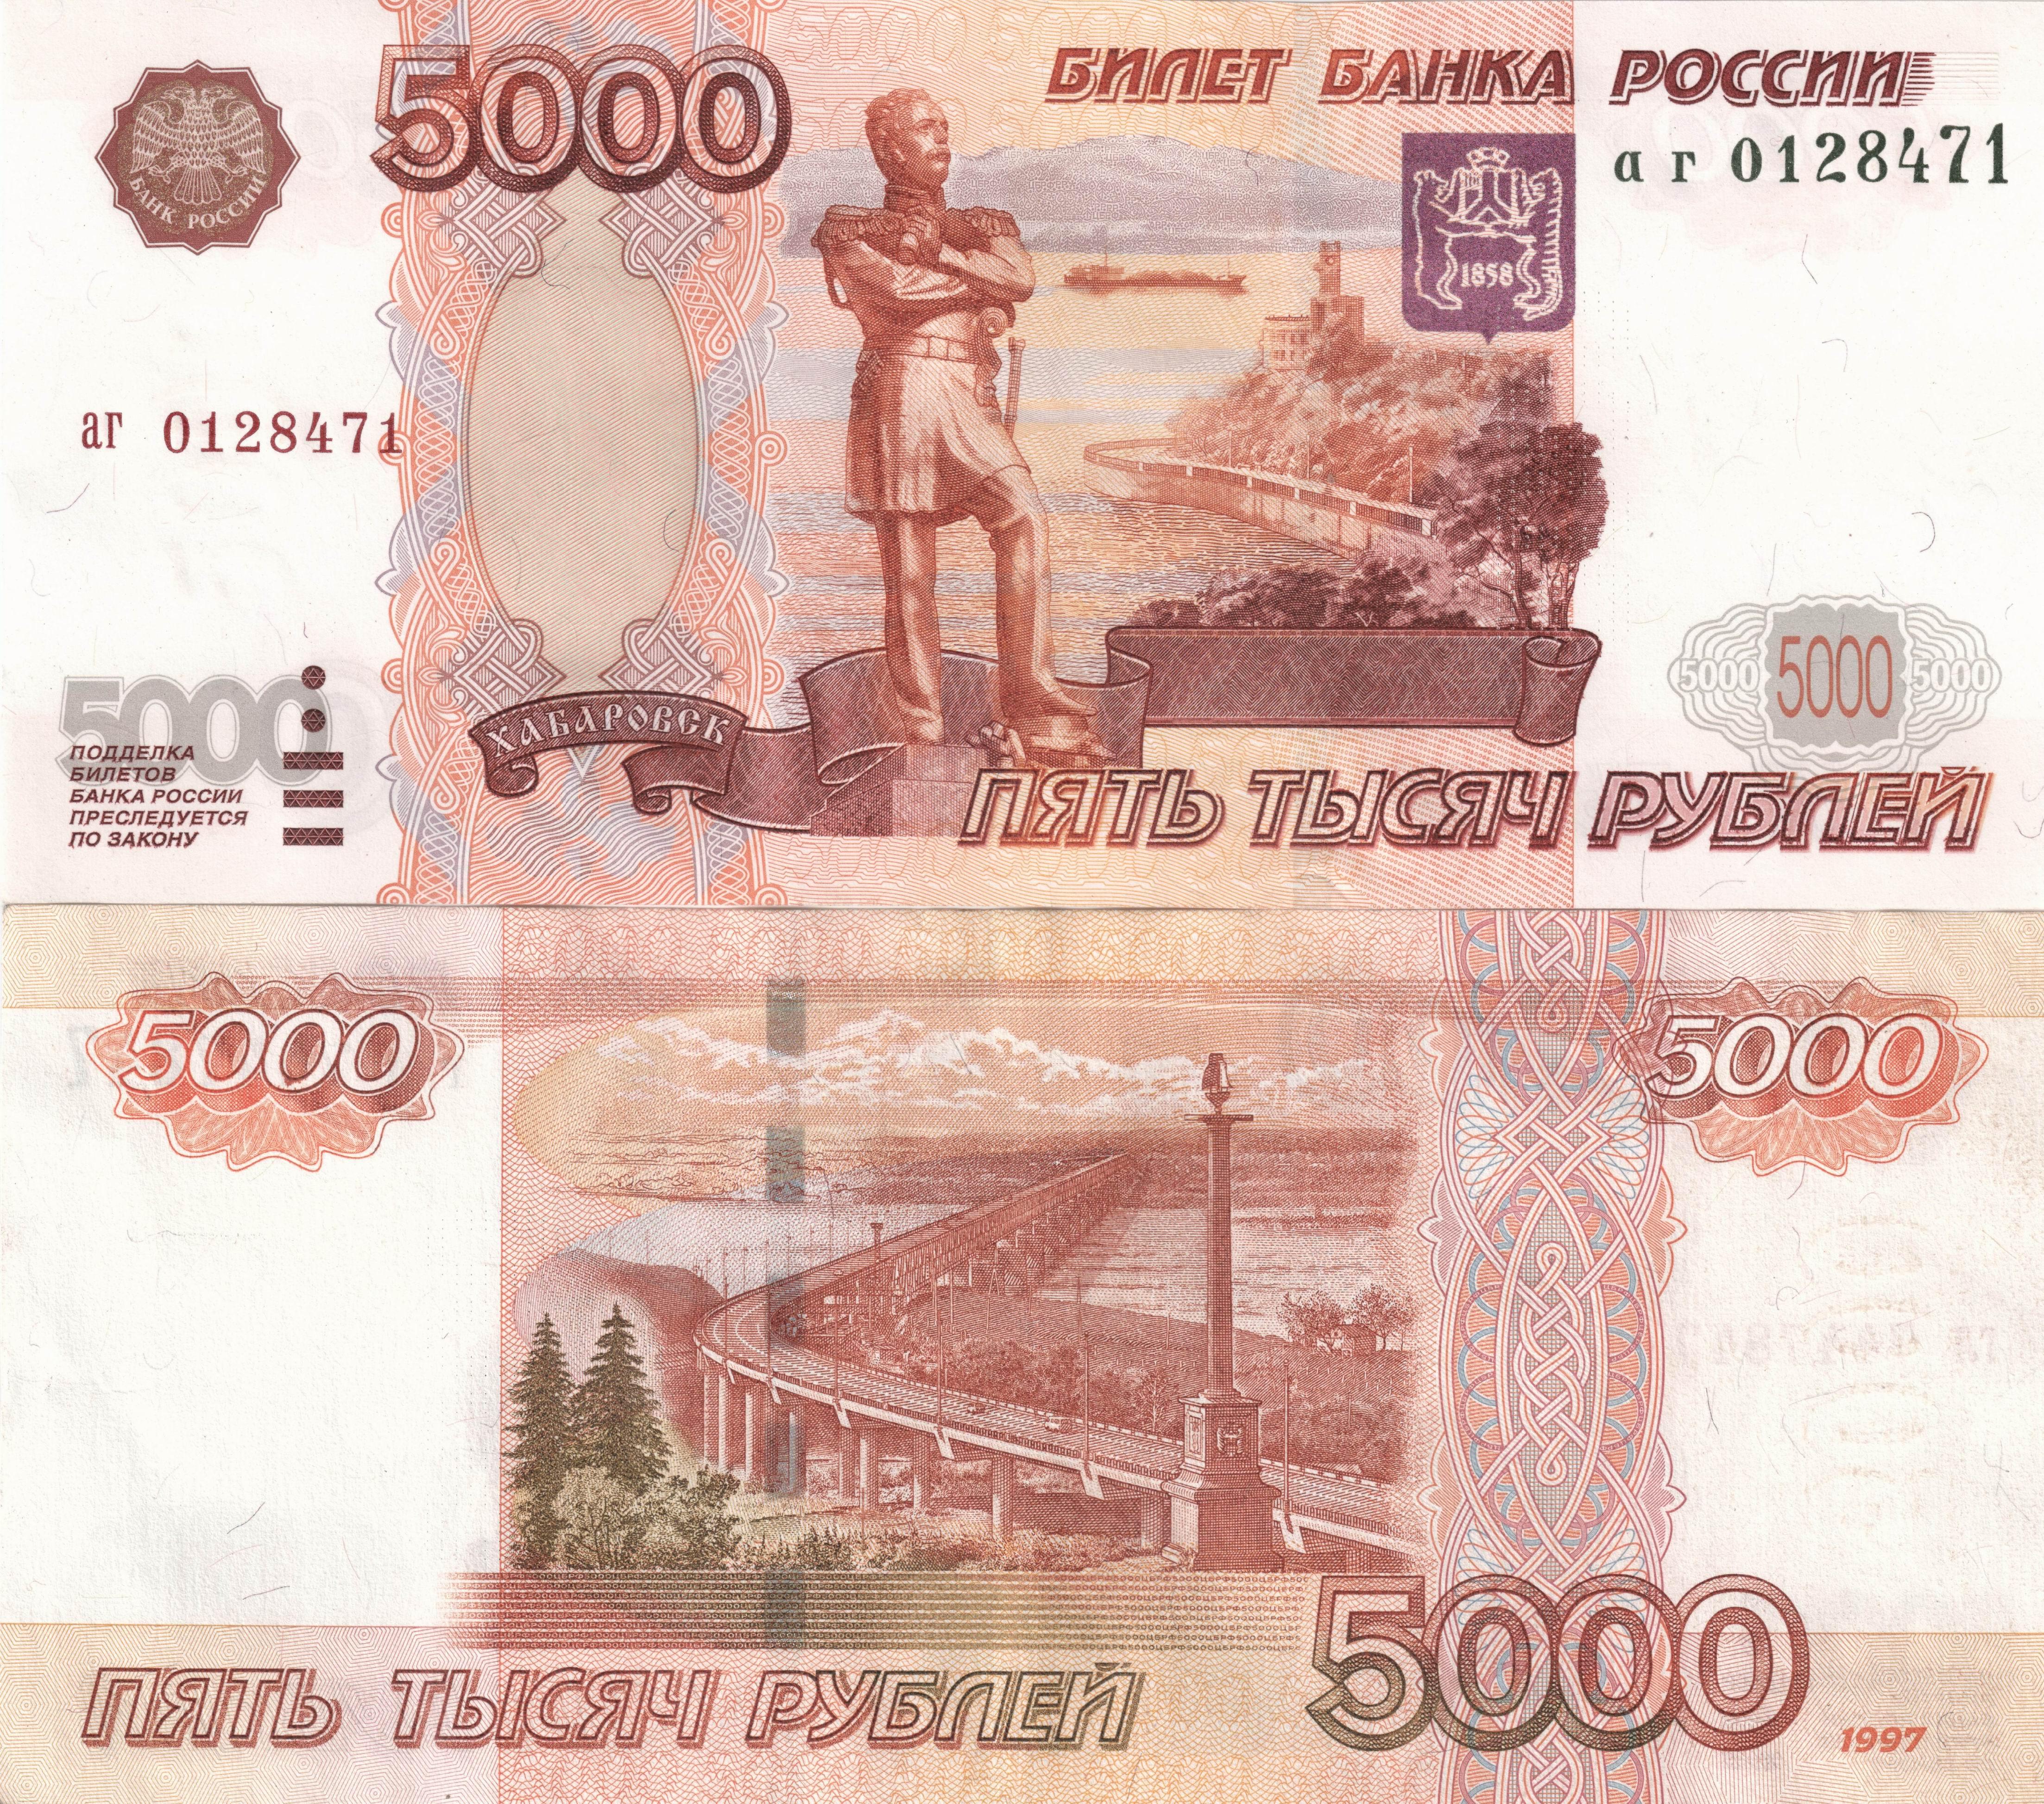 уделите завершающей на какой купюре хабаровск Санкт-Петербург (Финляндский